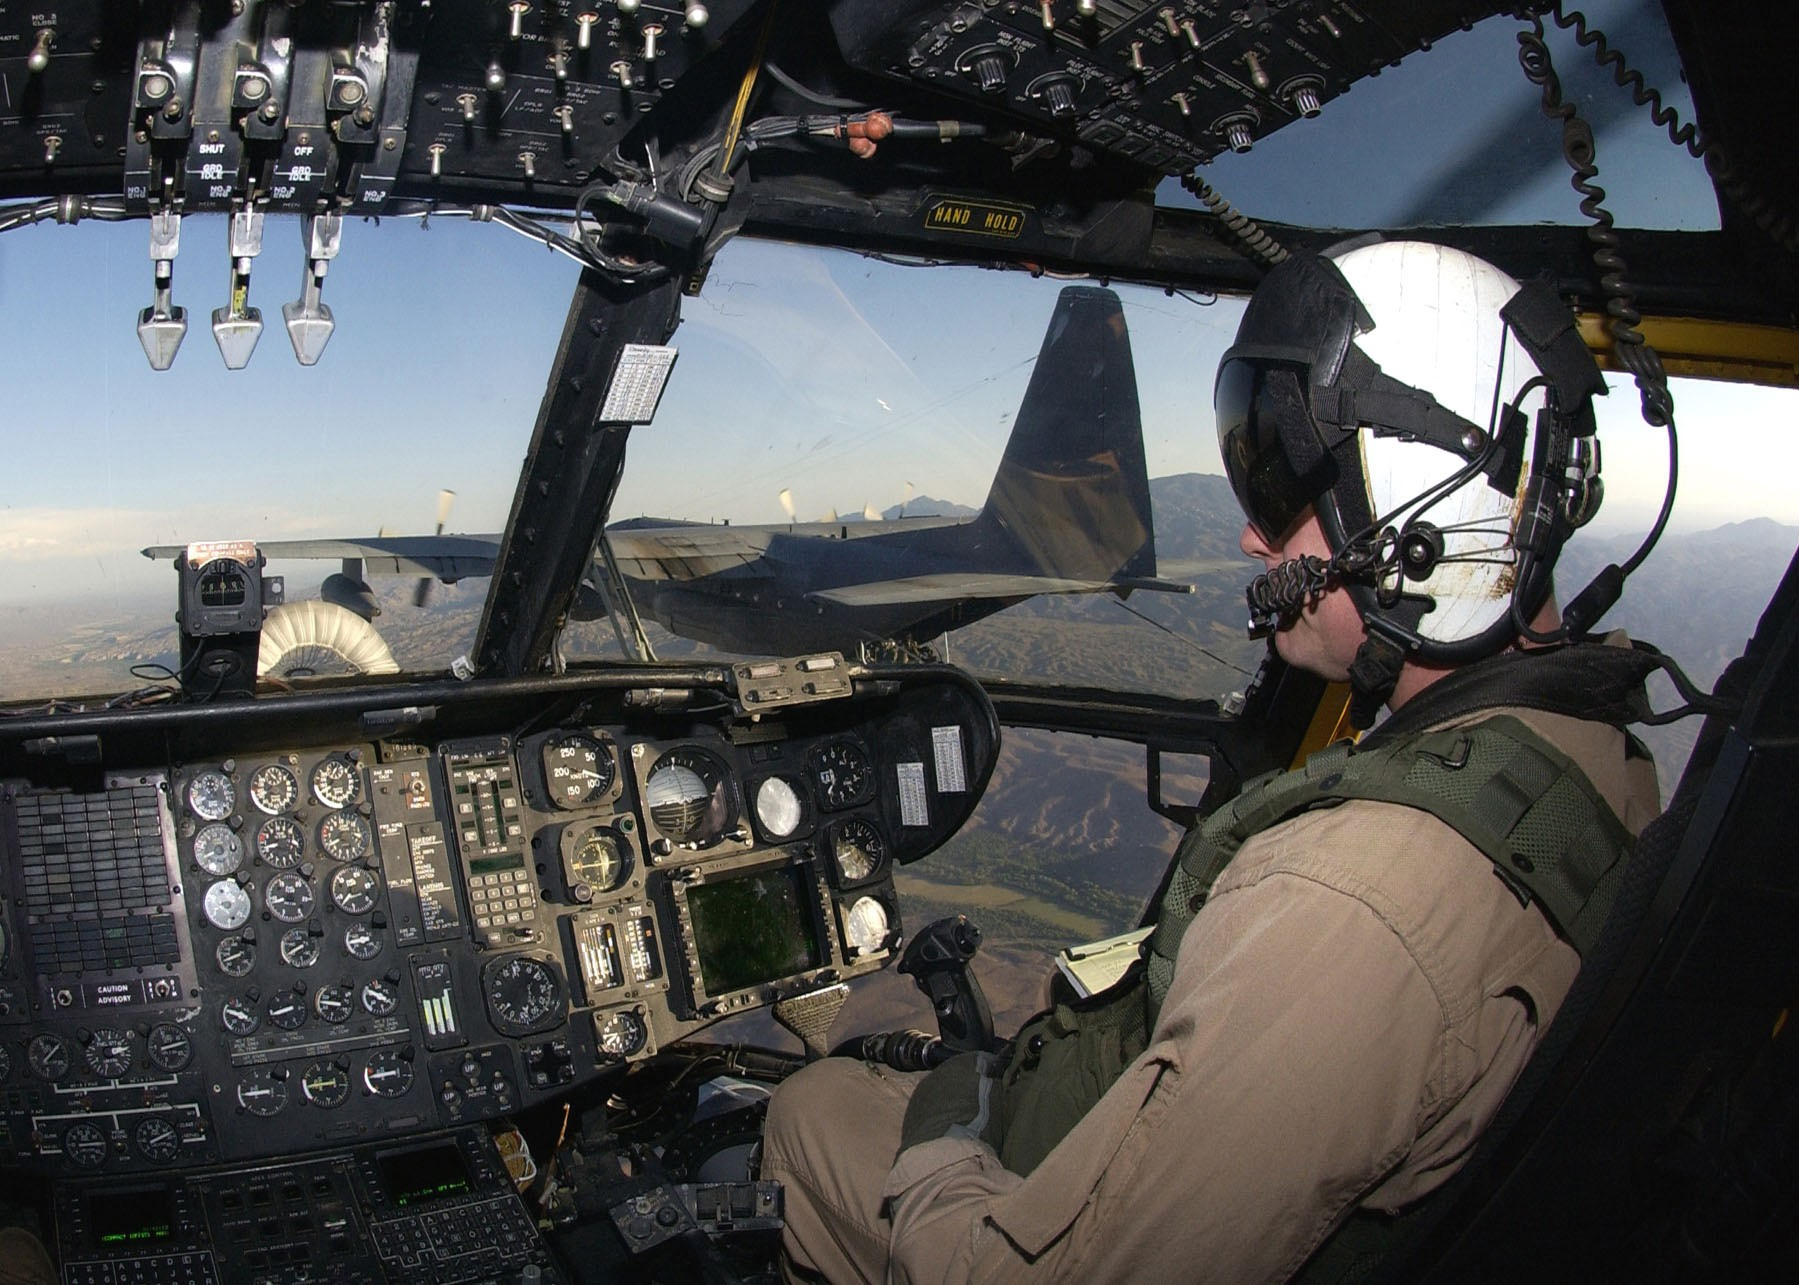 Elicottero Hercules : File ch e cockpit g wikimedia commons